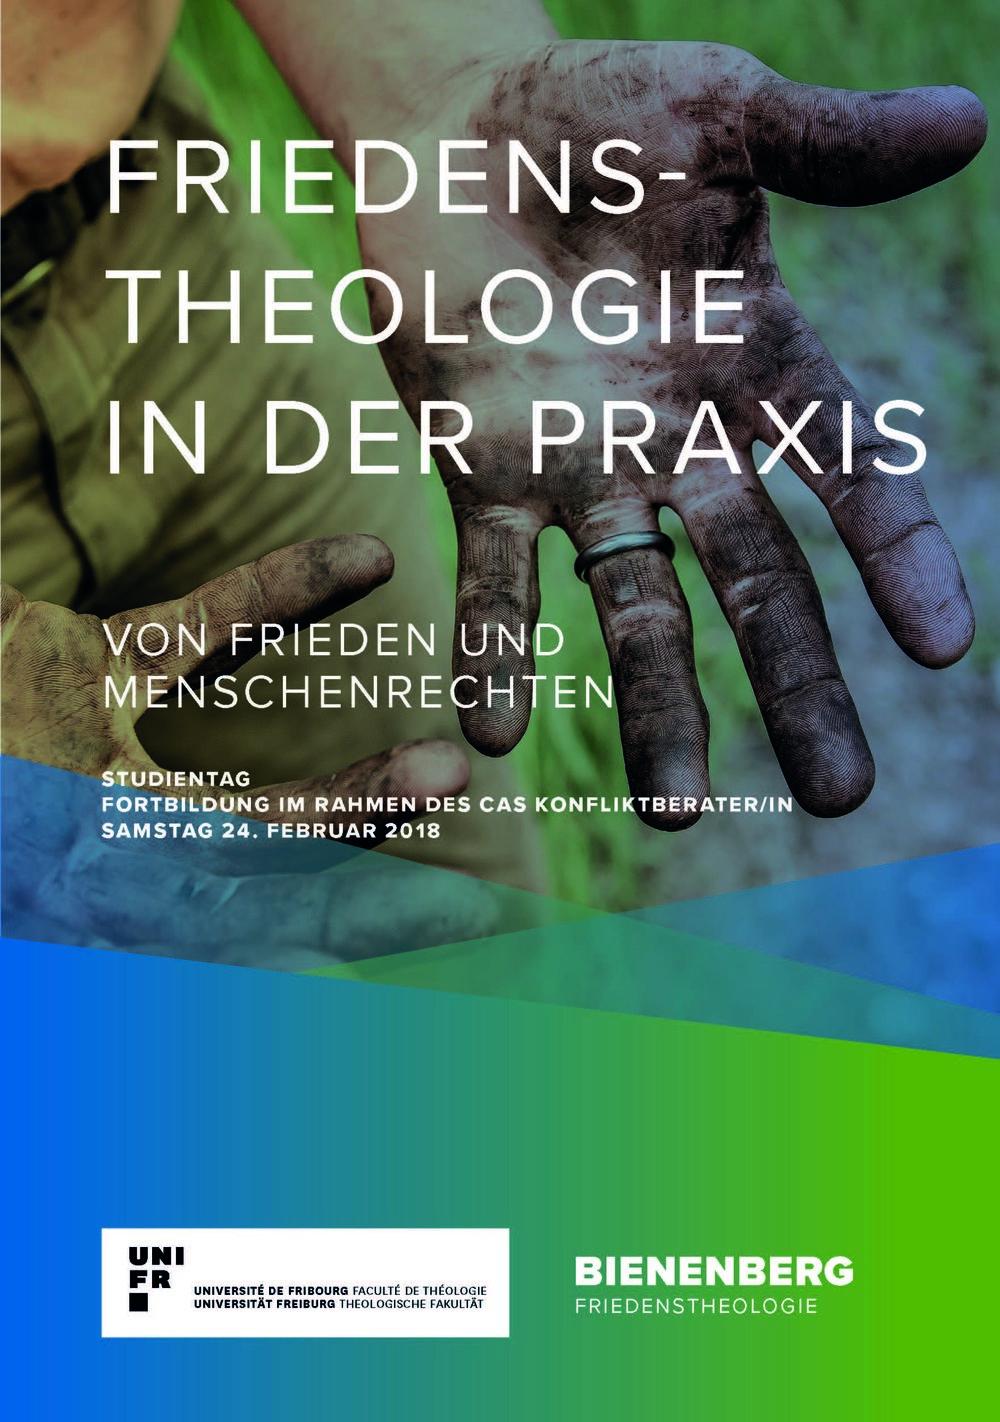 titelbild Flyer_Studientage Friedentheologie in der Praxis CAS KonfliktberaterIn 2018 druck_Seite_1.jpg